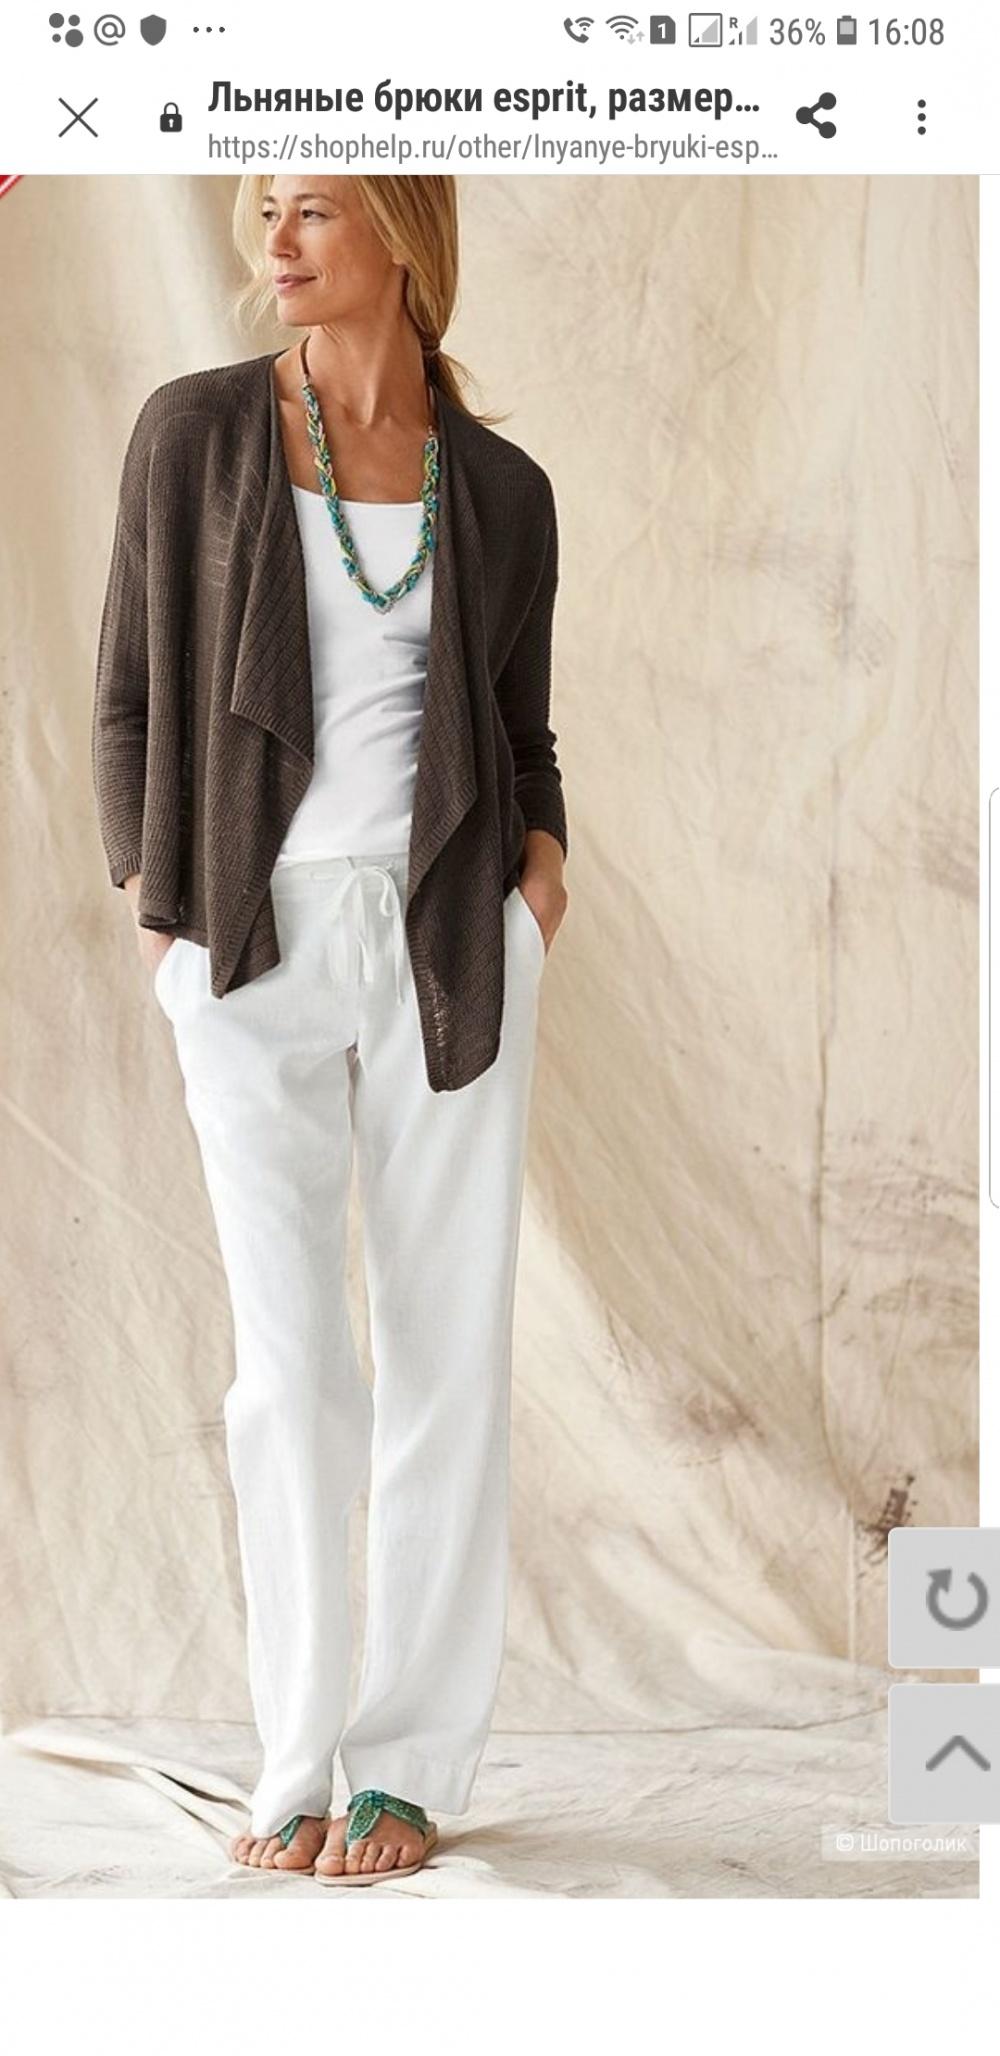 Льняные брюки Esprit, размер 44-46